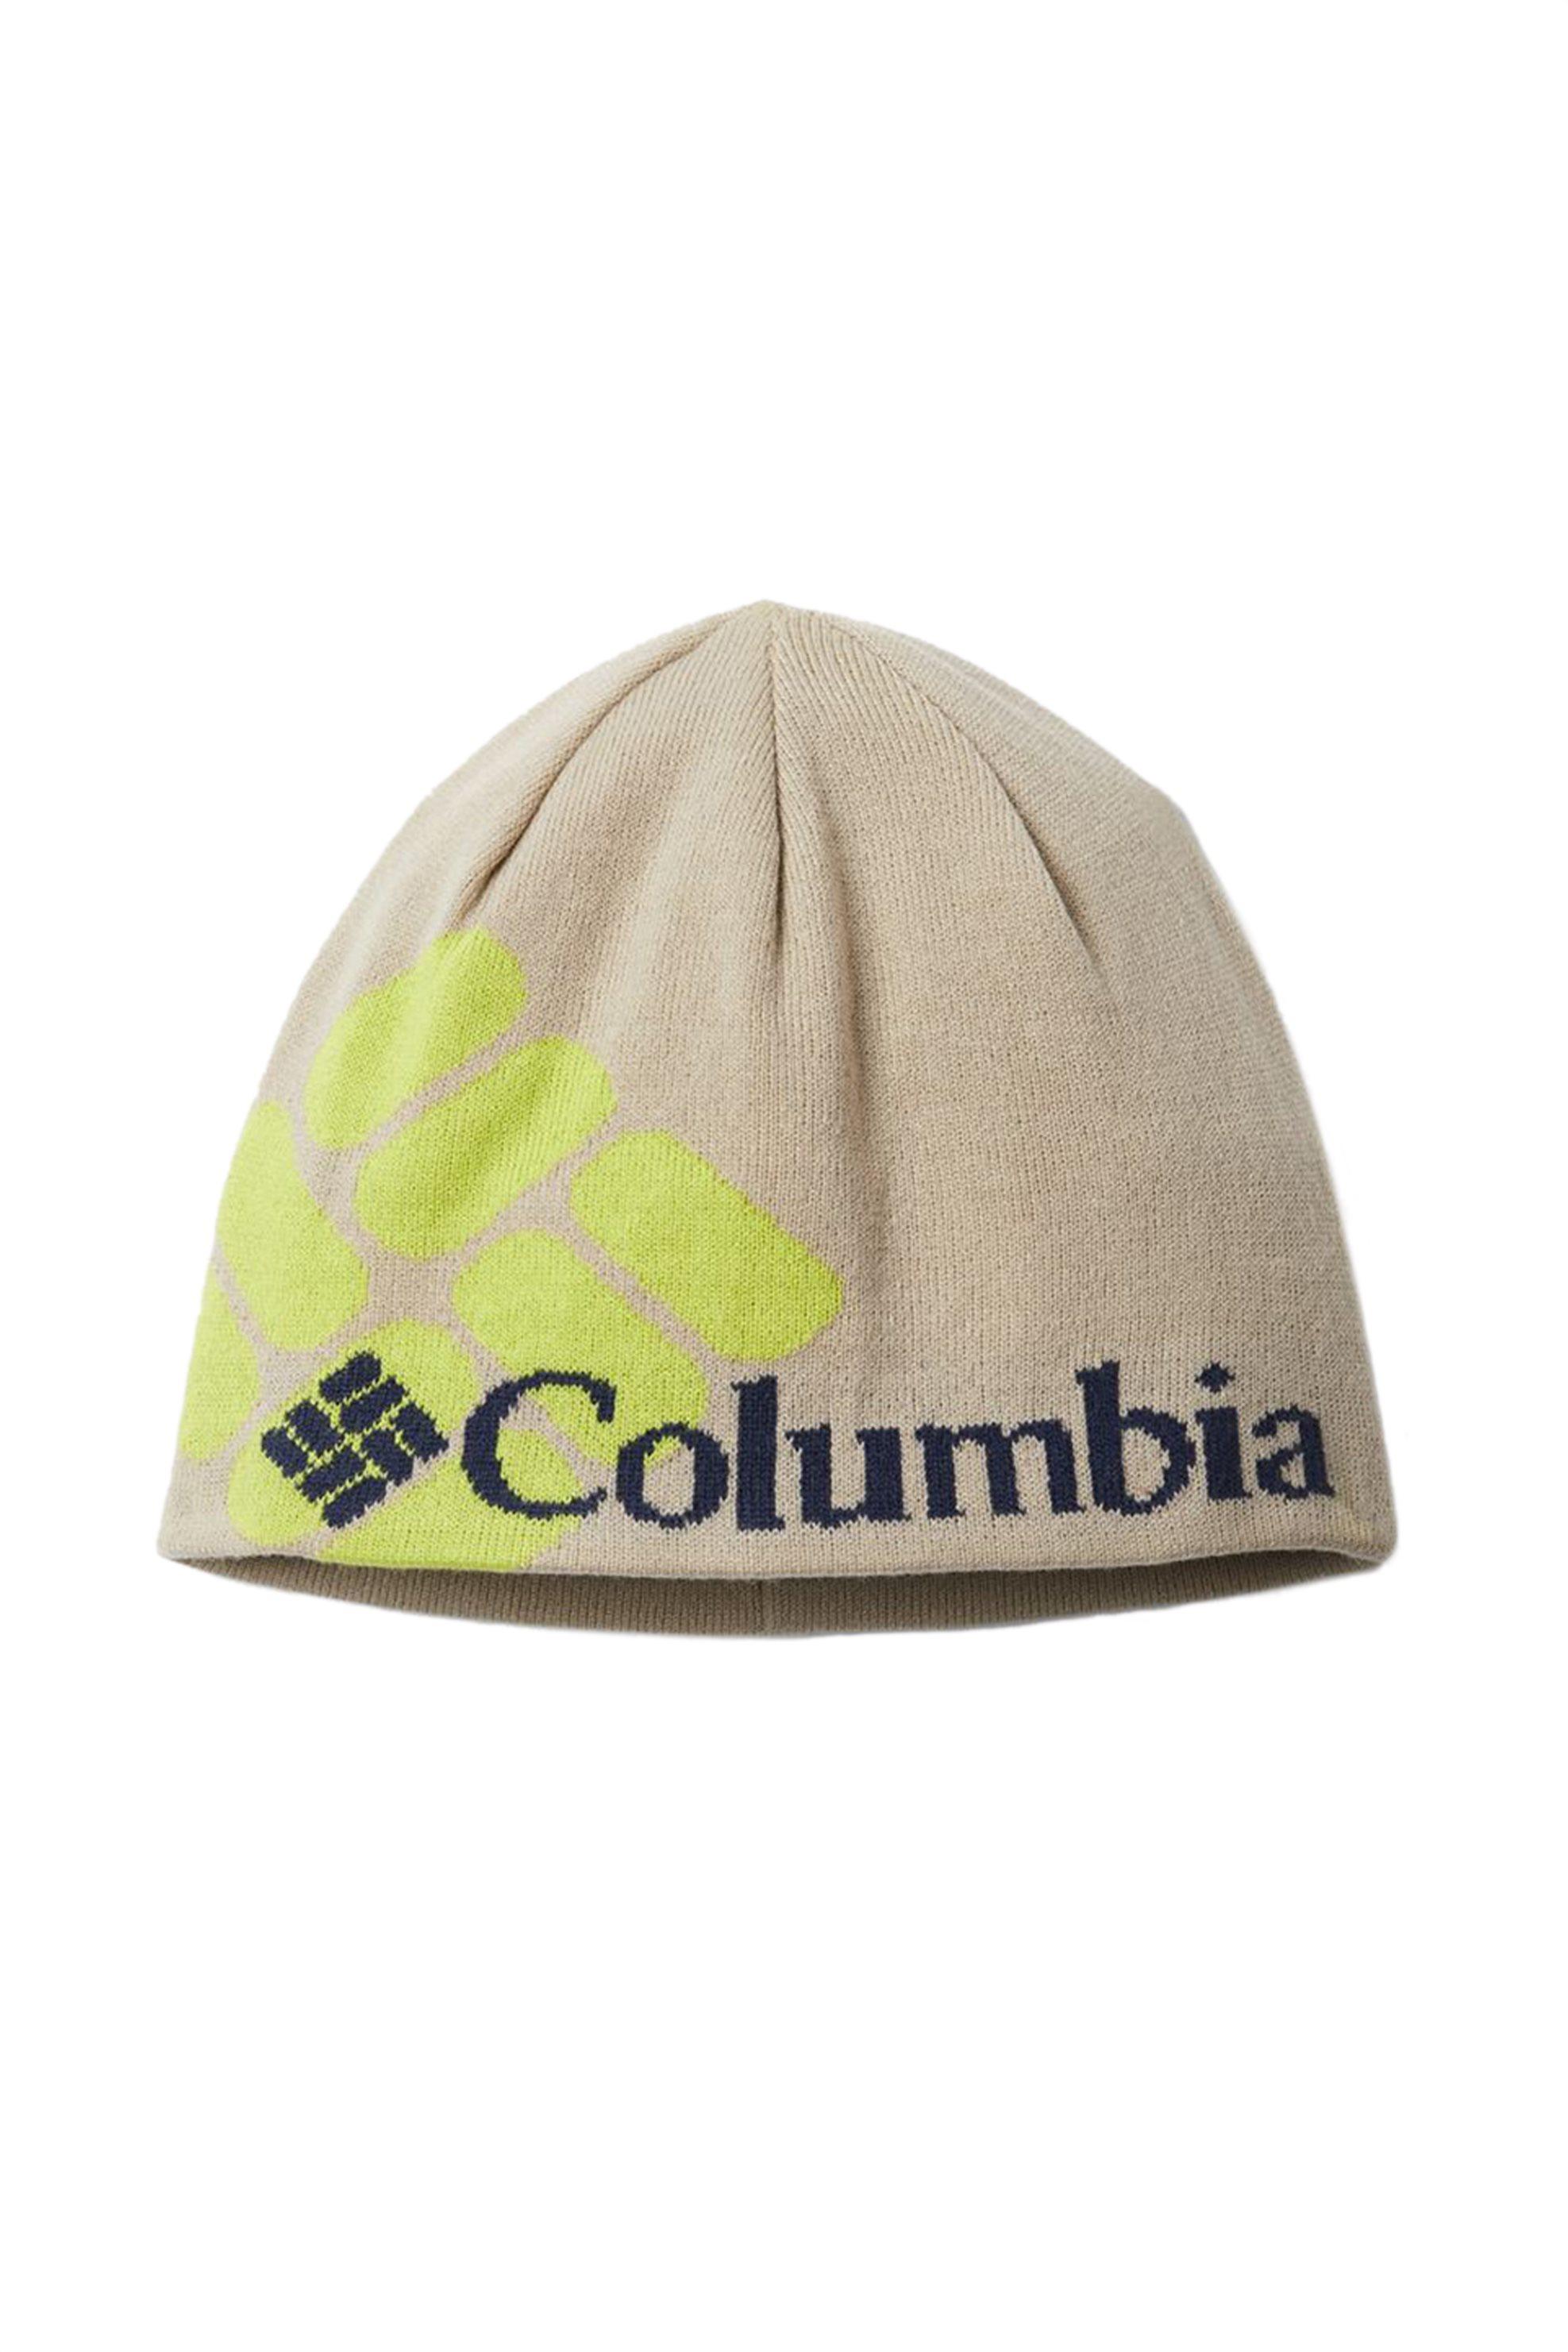 Columbia unisex σκούφος ''Columbia Heat™'' - CU9171271 - Μπεζ